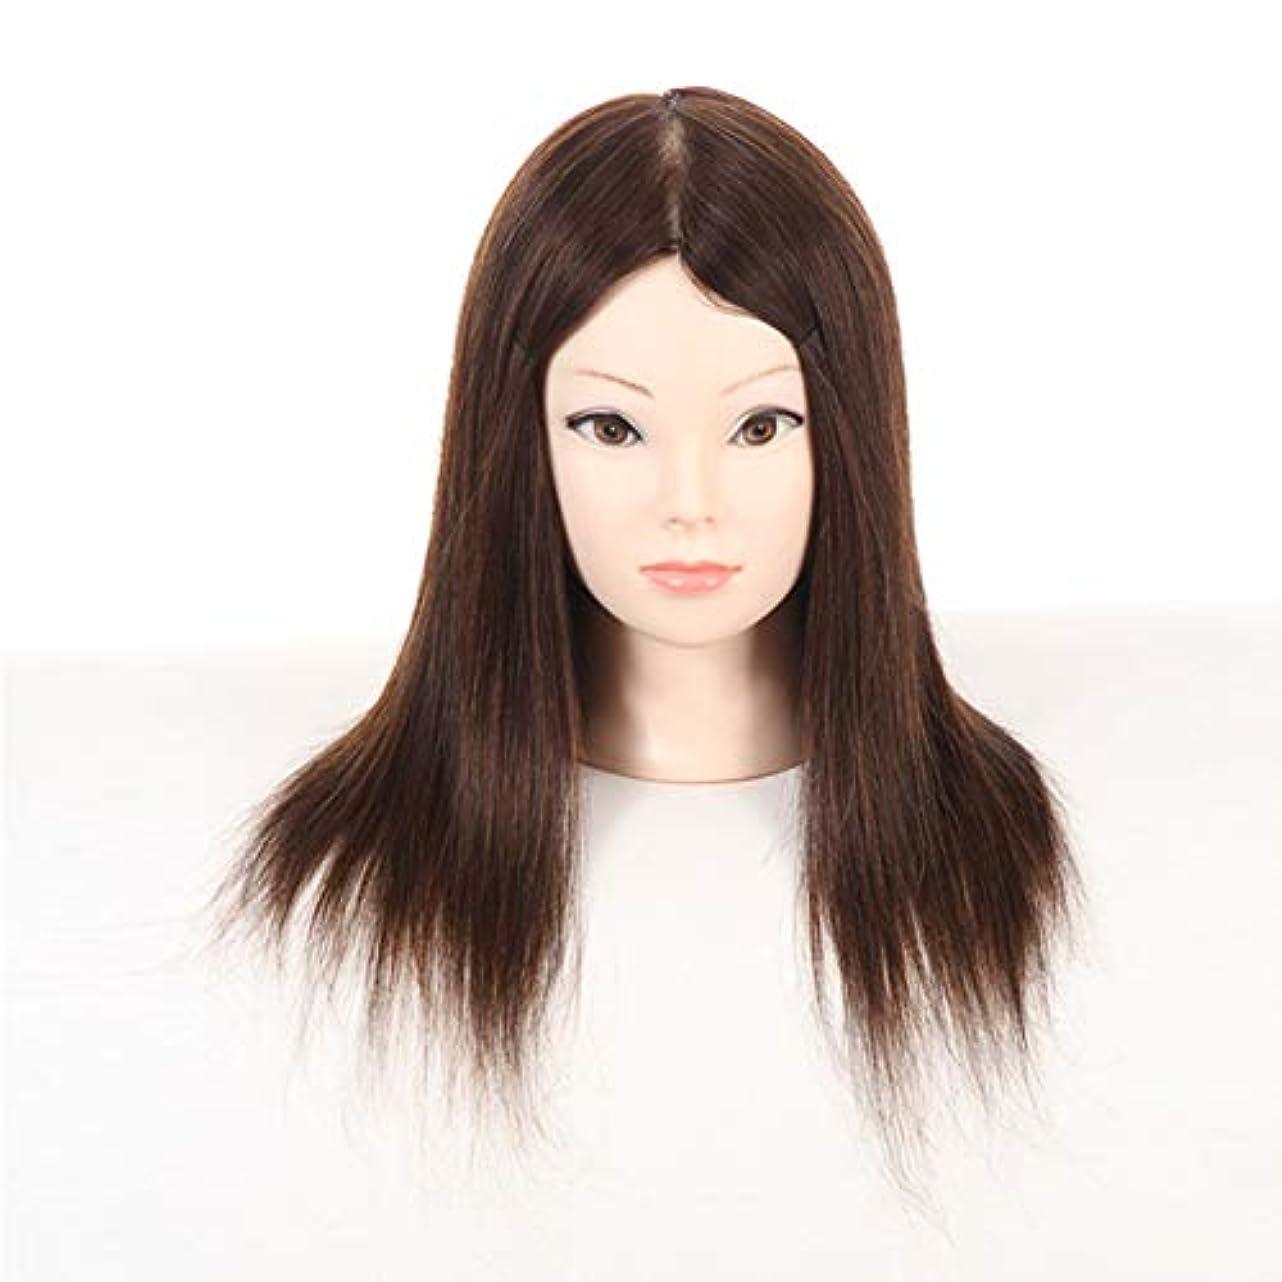 通訳最終スーパーマーケット本物の髪髪編組髪ヘアホット染料ヘッド型サロンモデリングウィッグエクササイズヘッド散髪学習ダミーヘッド